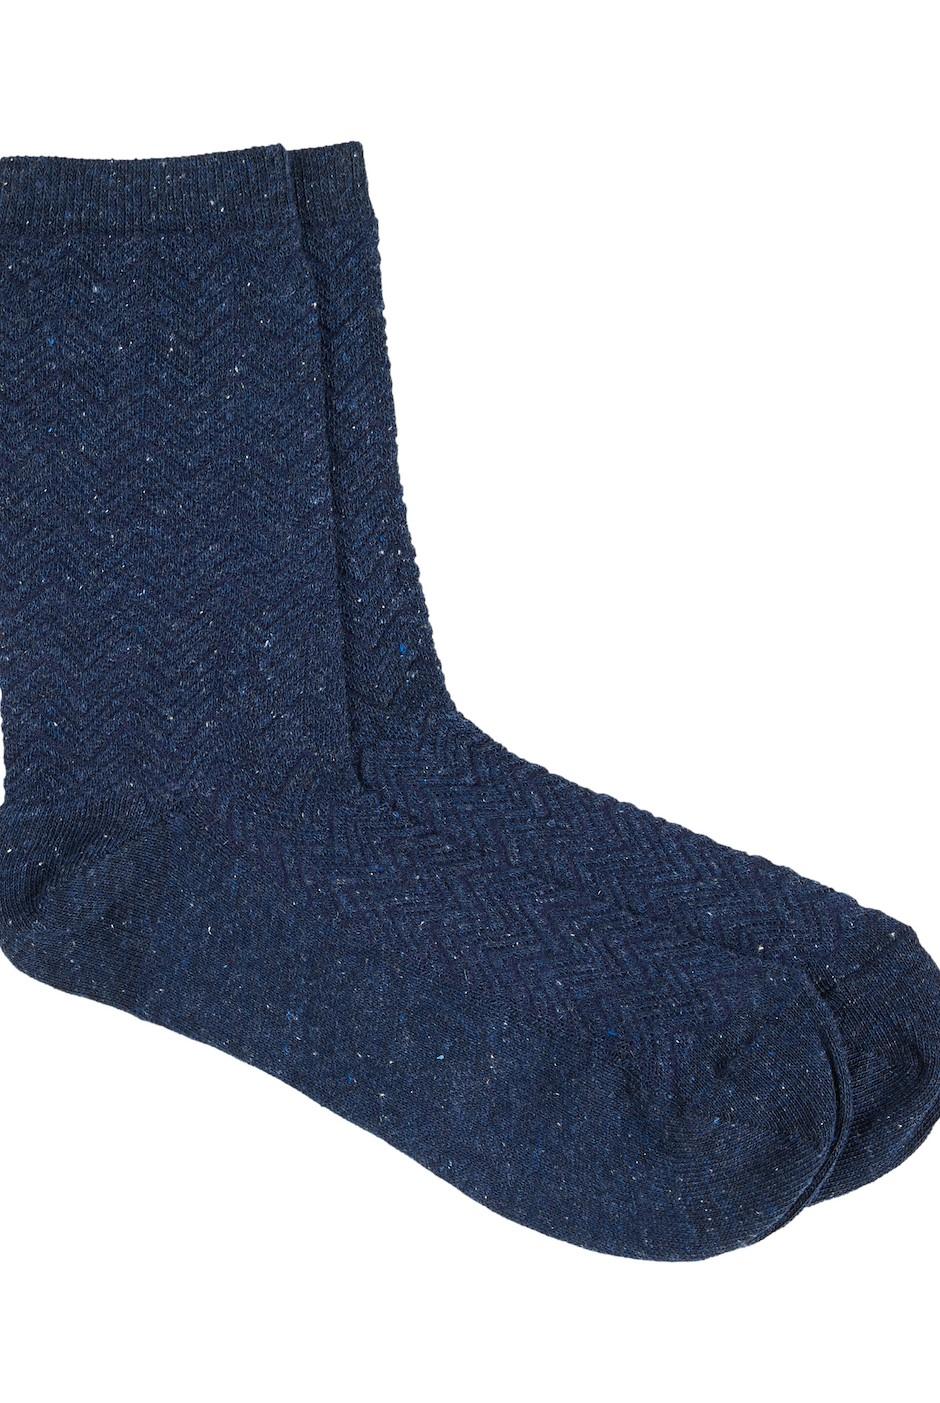 Nuala Socks  Navy